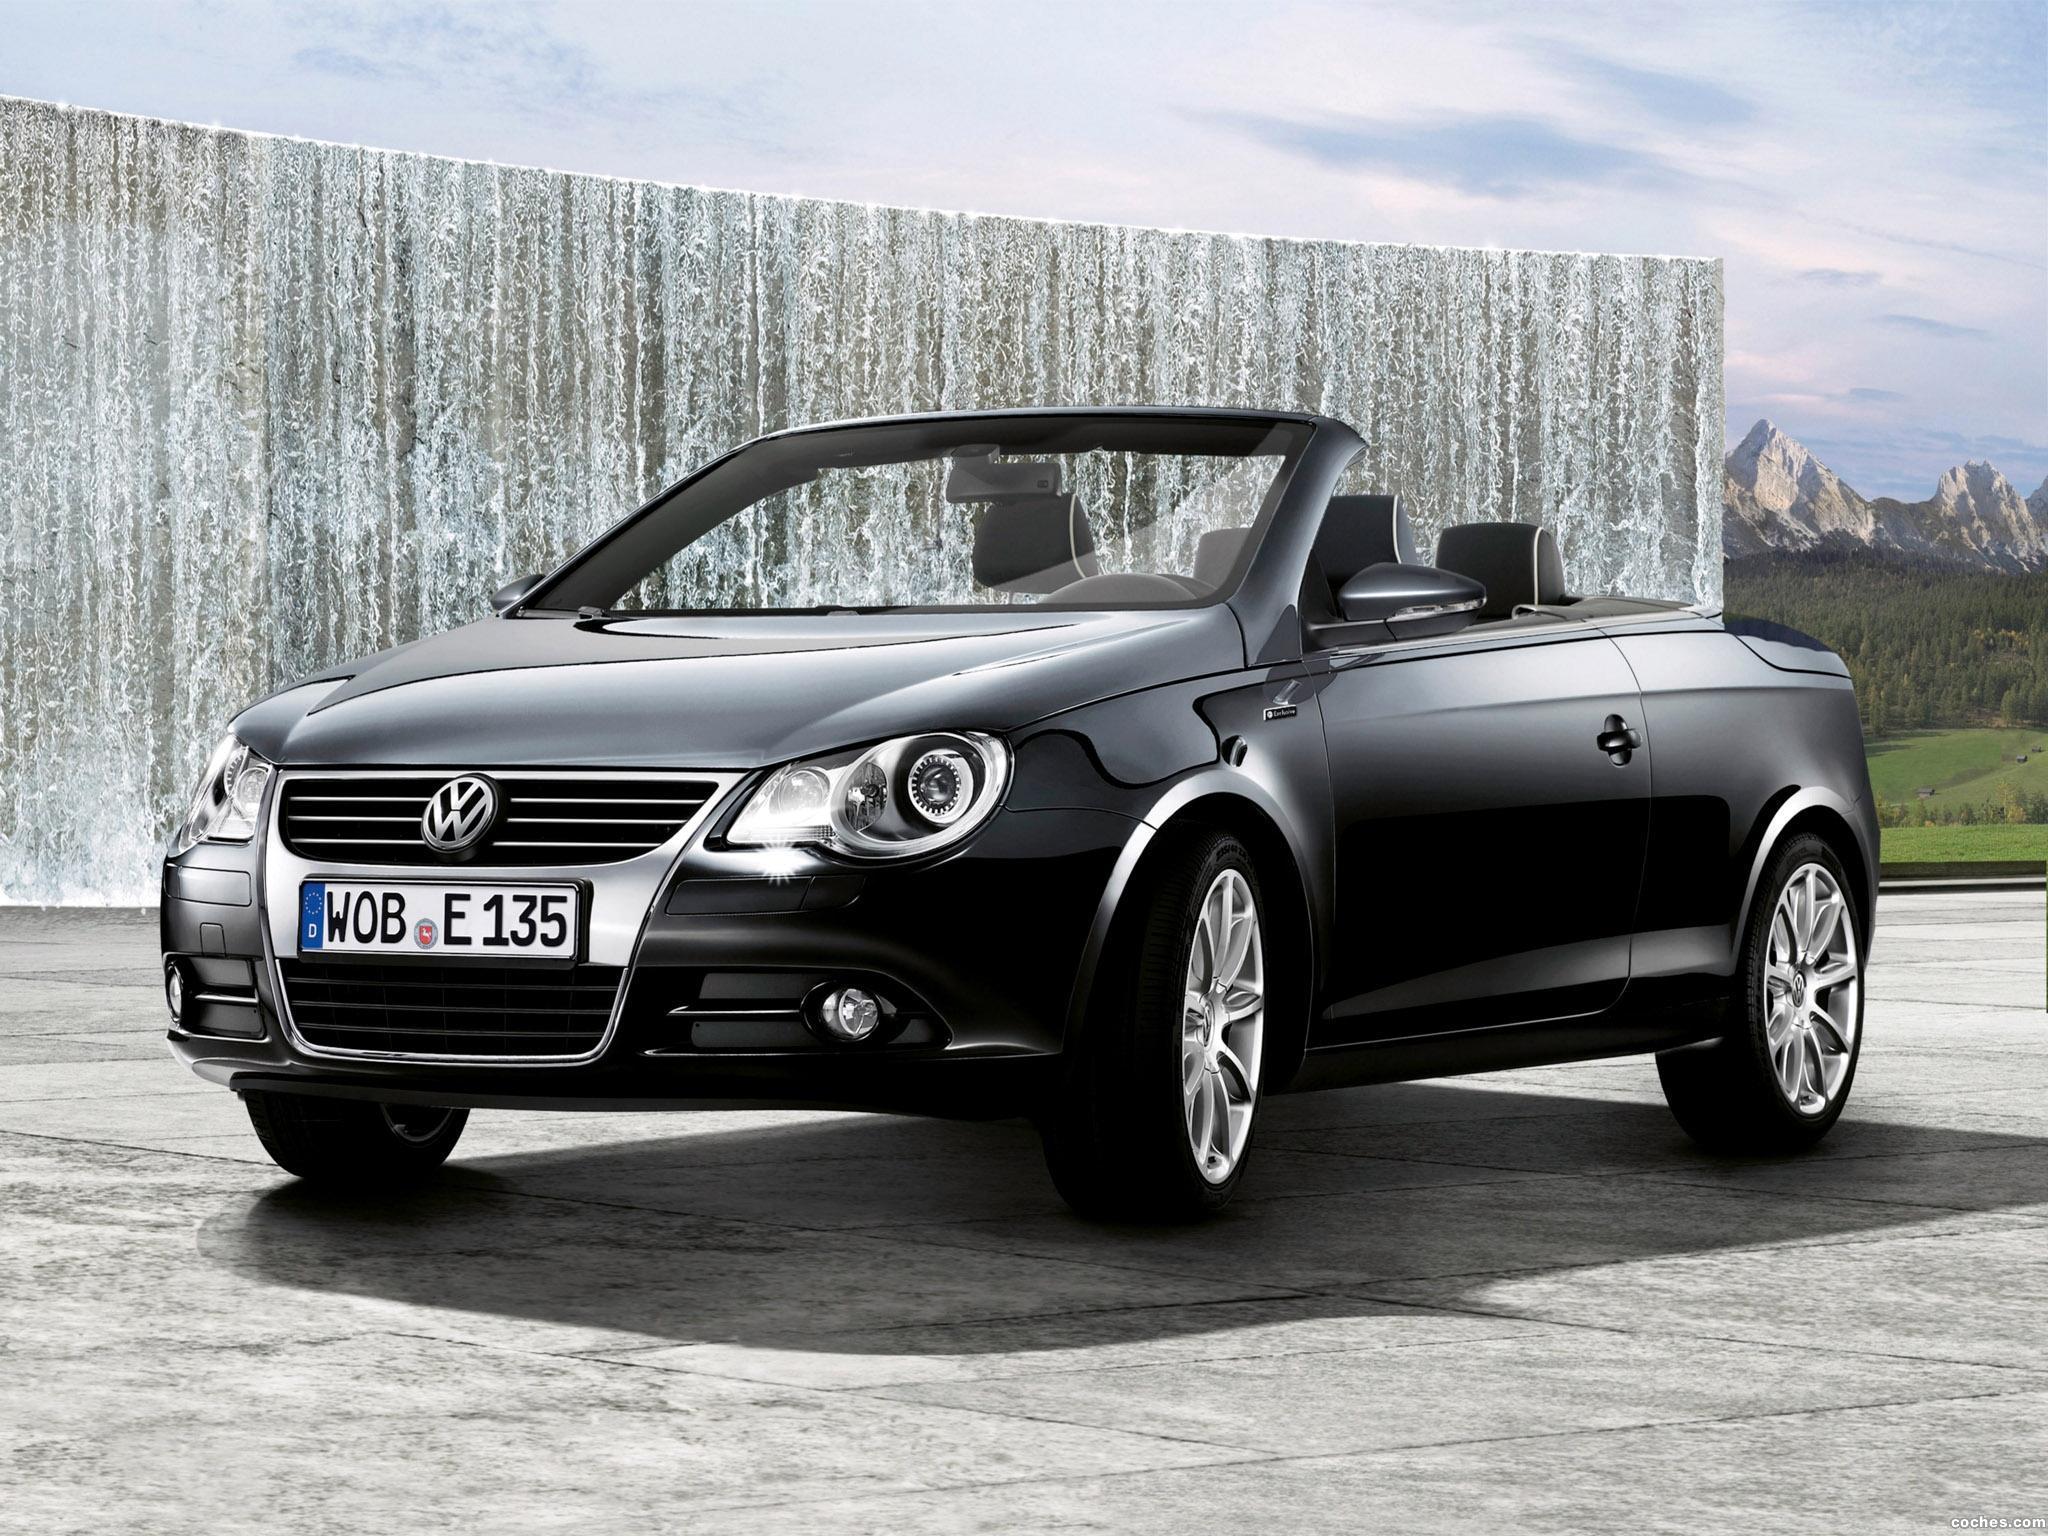 Foto 0 de Volkswagen Eos Exclusive 2010